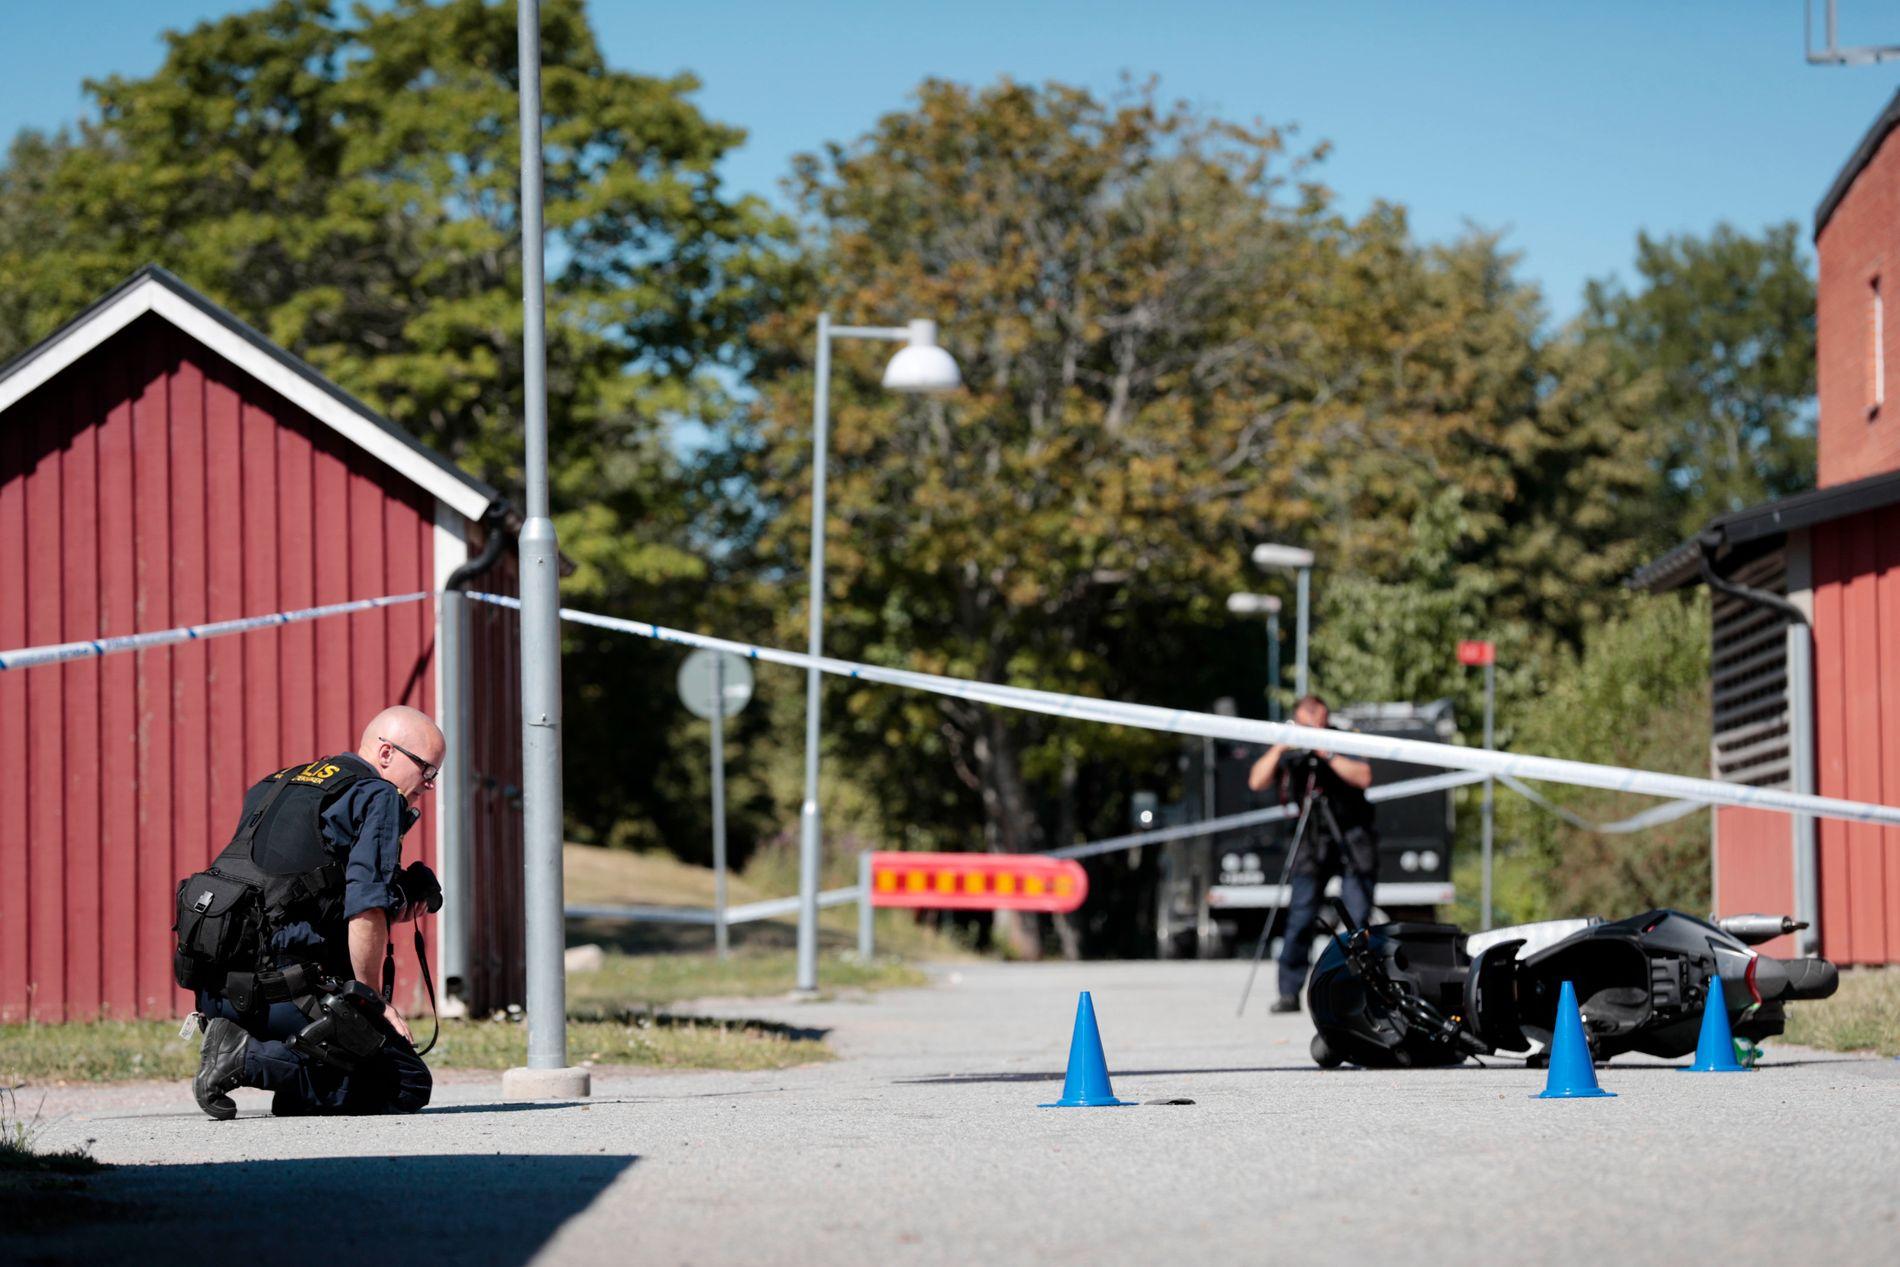 ÅSTEDET: To menn ble drept i et boligfelt i Örebro-bydelen Vivall tirsdag kveld forrige uke. Nå kobles en tidligere IS-kriger til drapene, ifølge SVT.